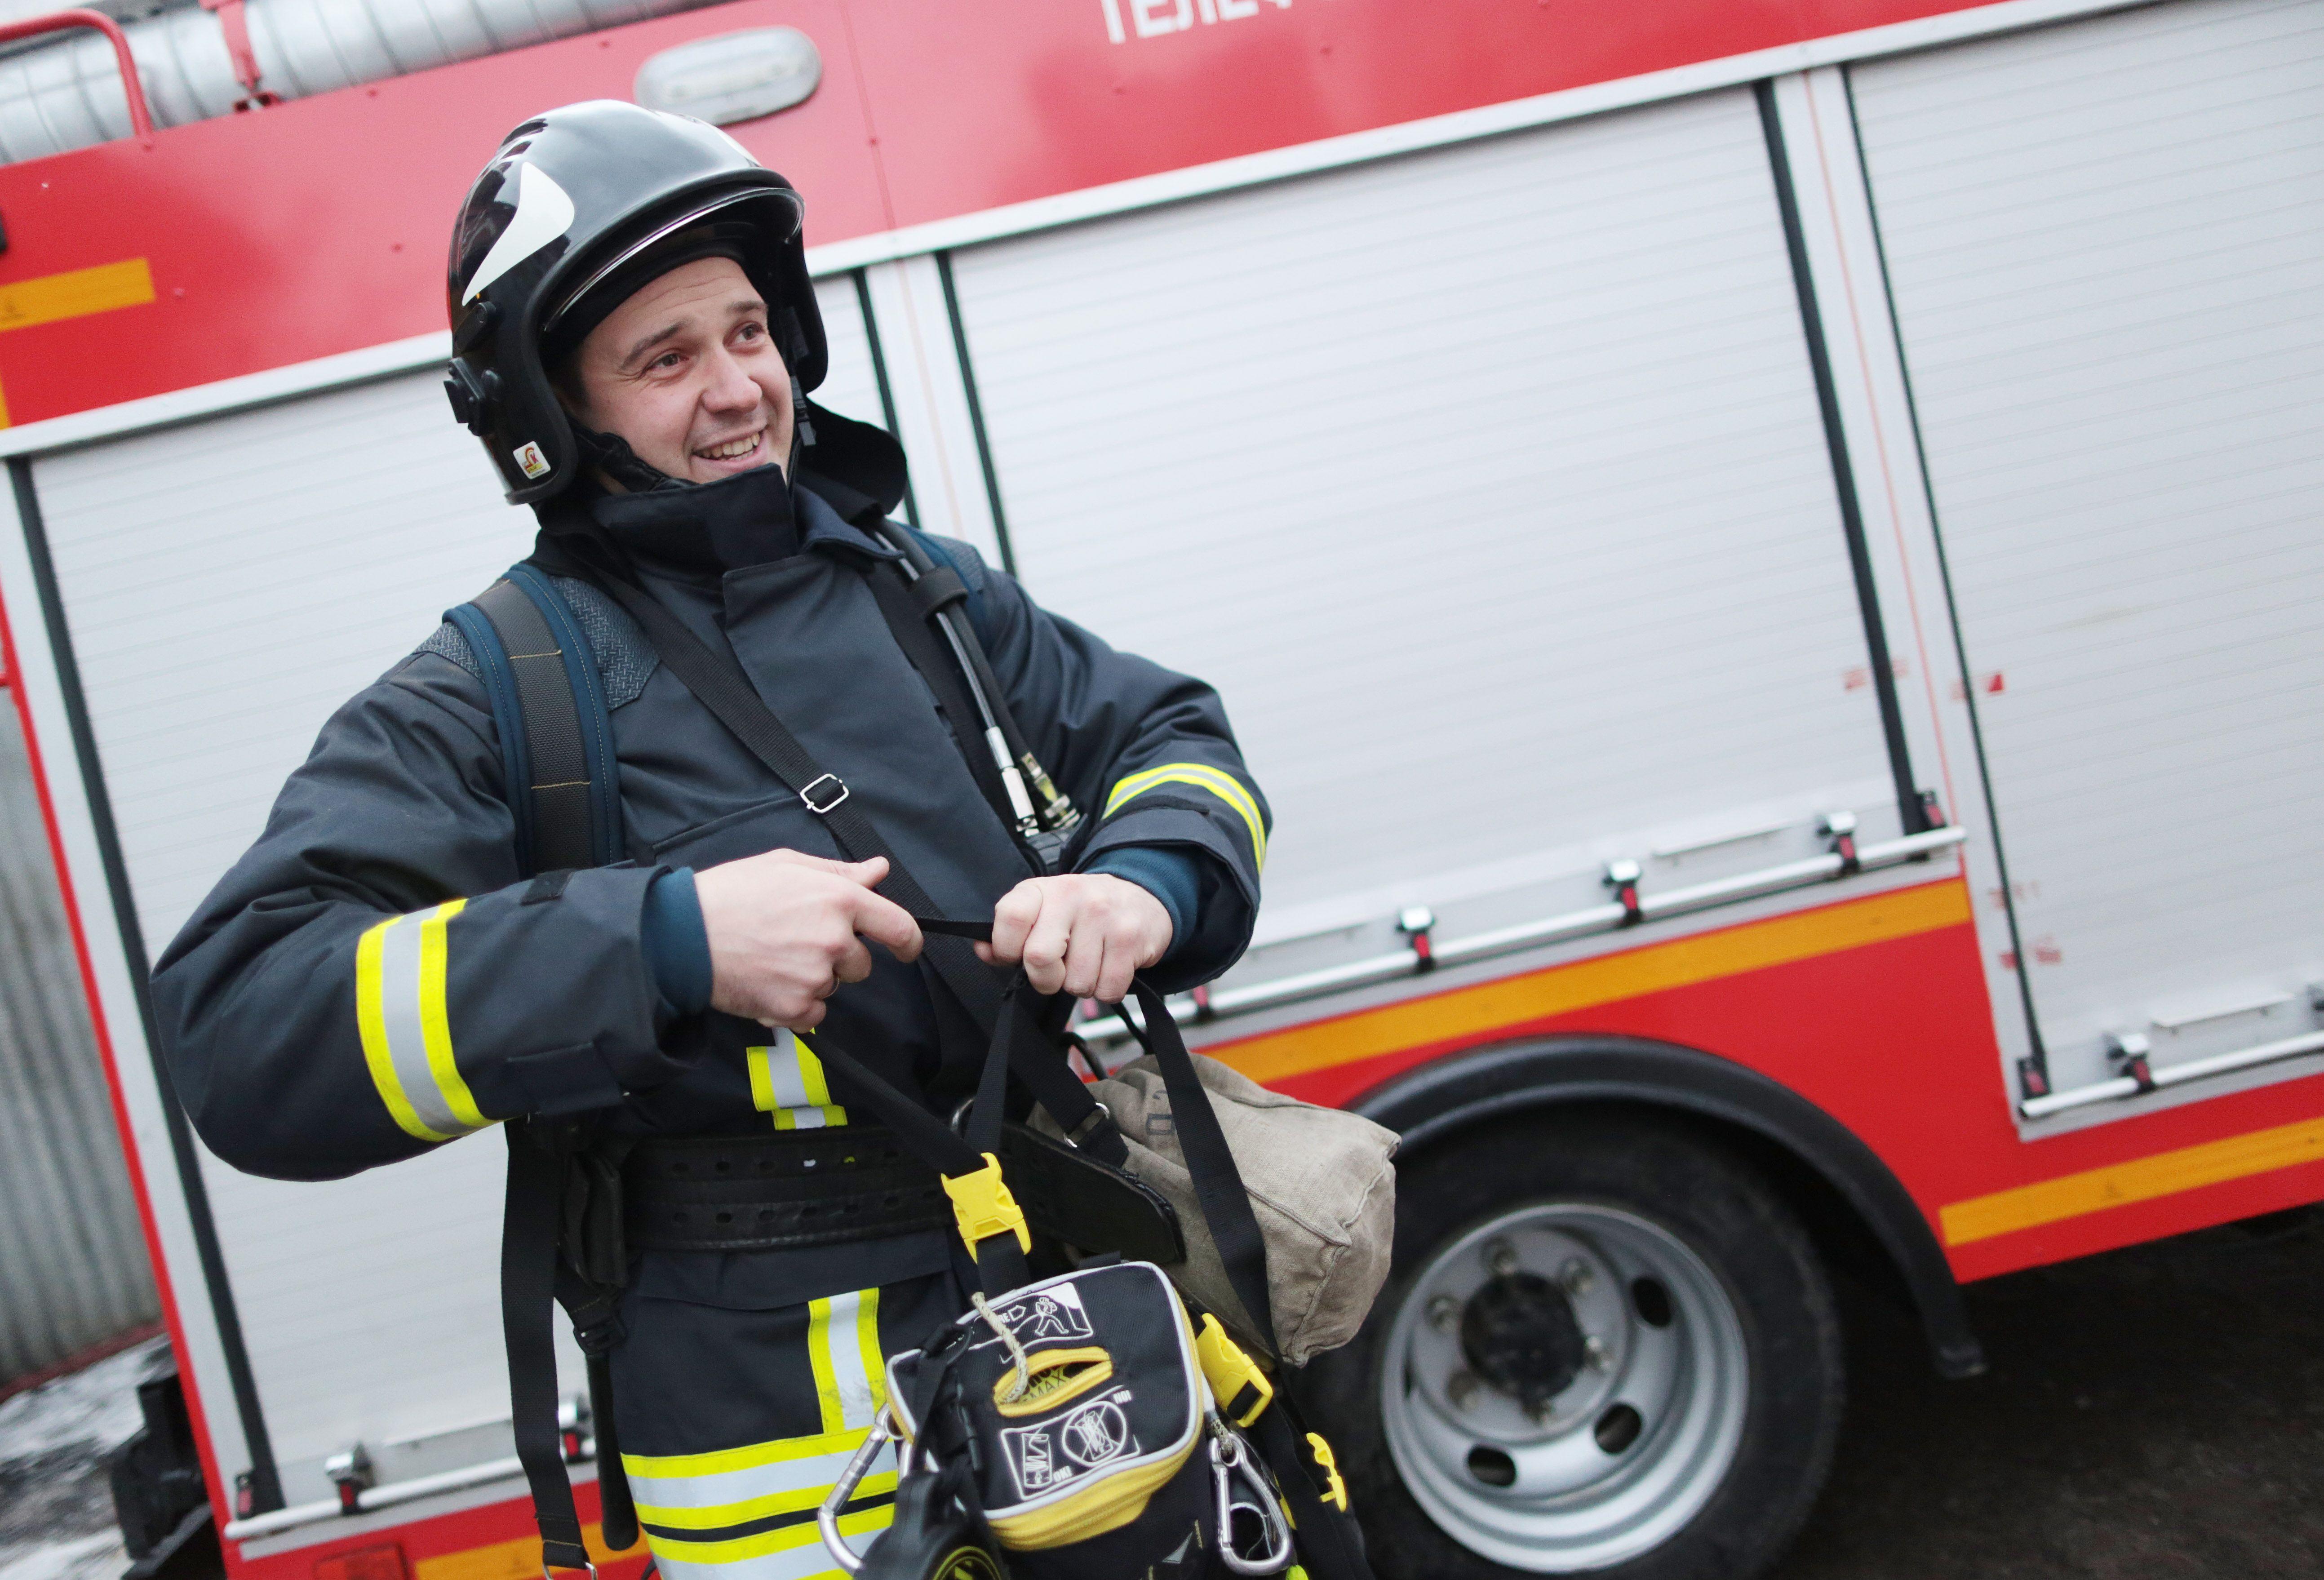 Пять пожарных частей создадут в Новой Москве до конца 2019 года